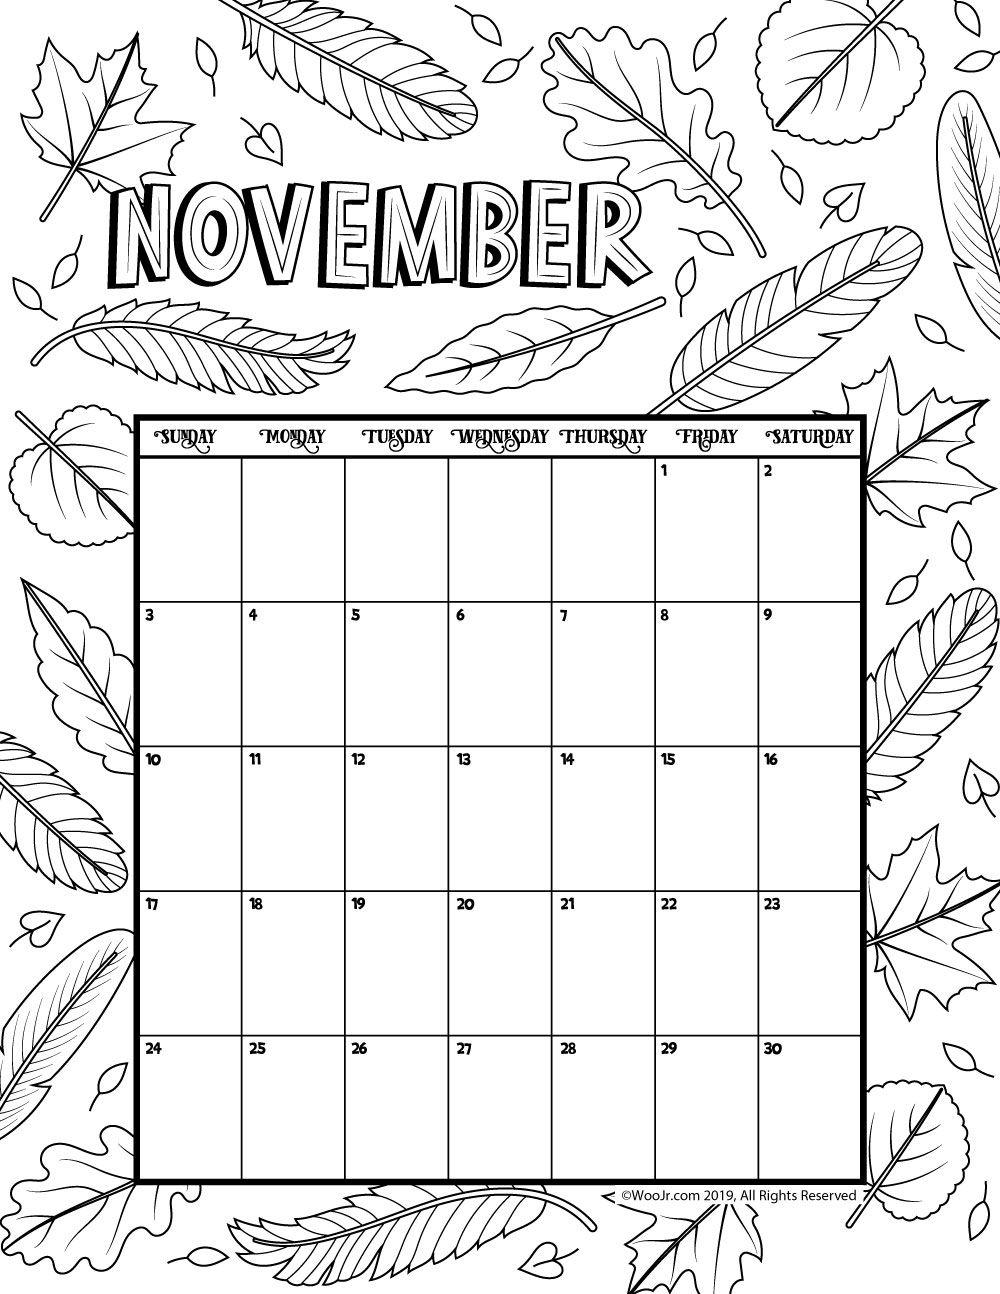 November 2019 Coloring Calendar Naptar Calendar Kids Calendar